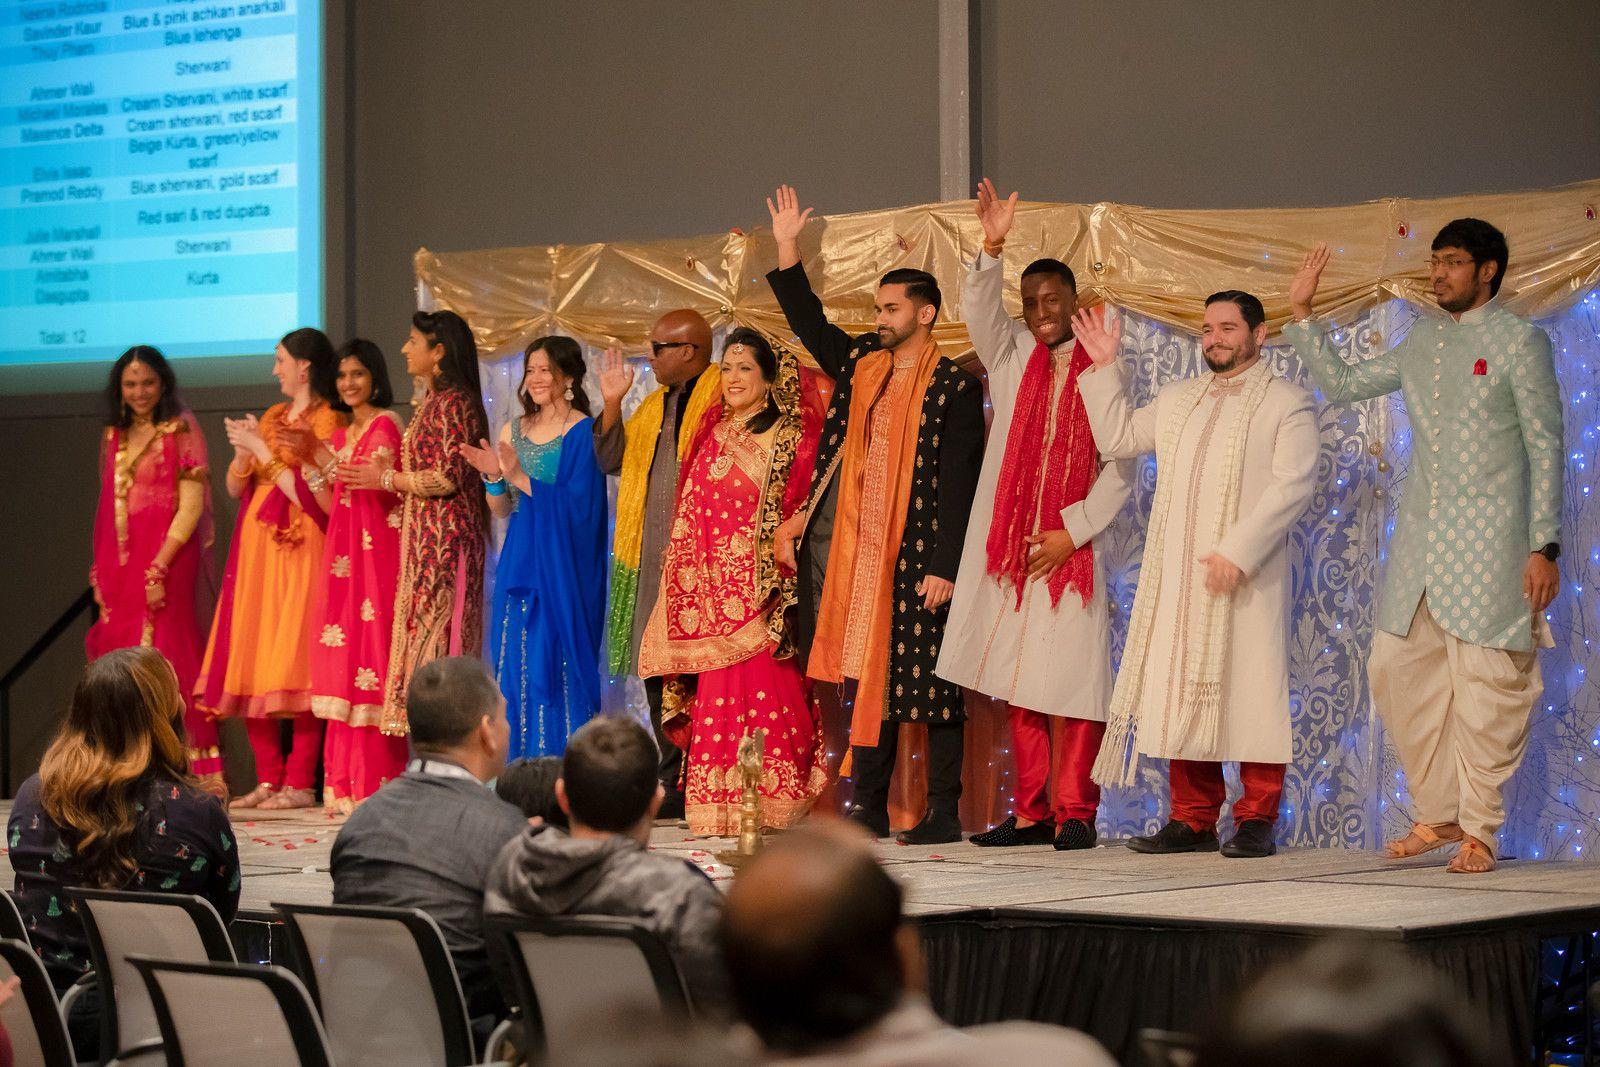 Diwali Celebration in Houston, Texas